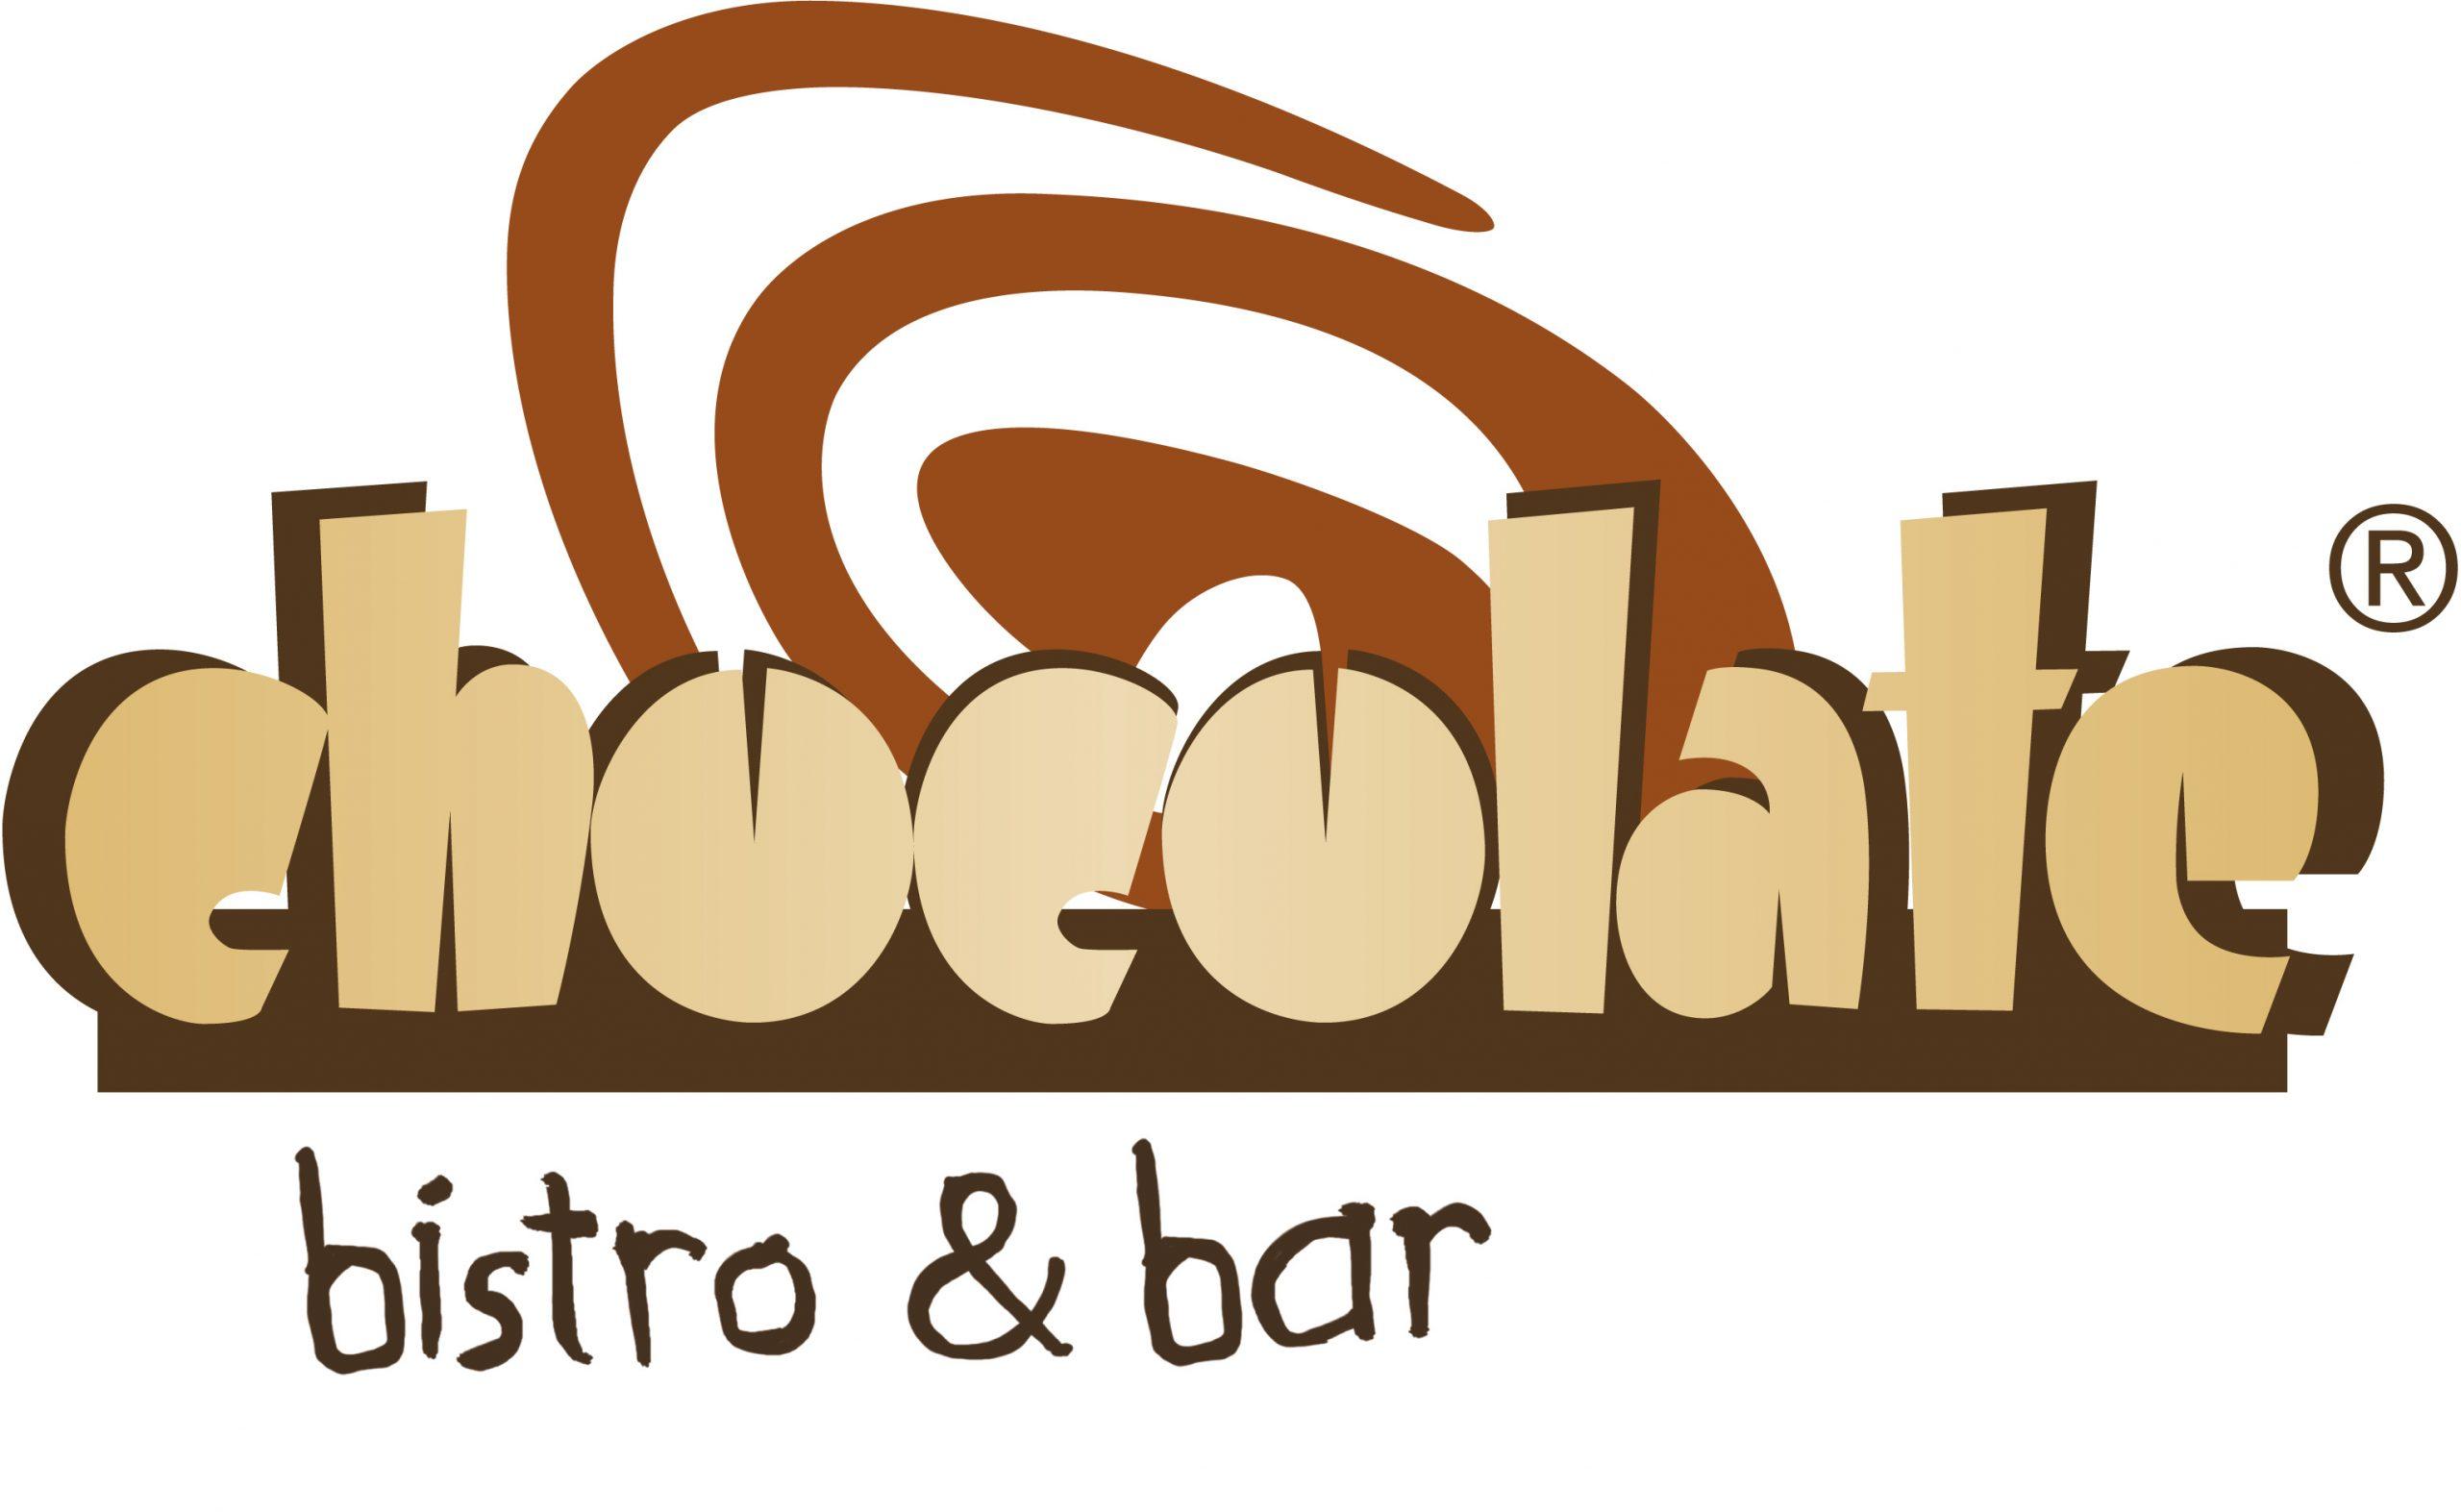 Chocalate Bistro & Bar